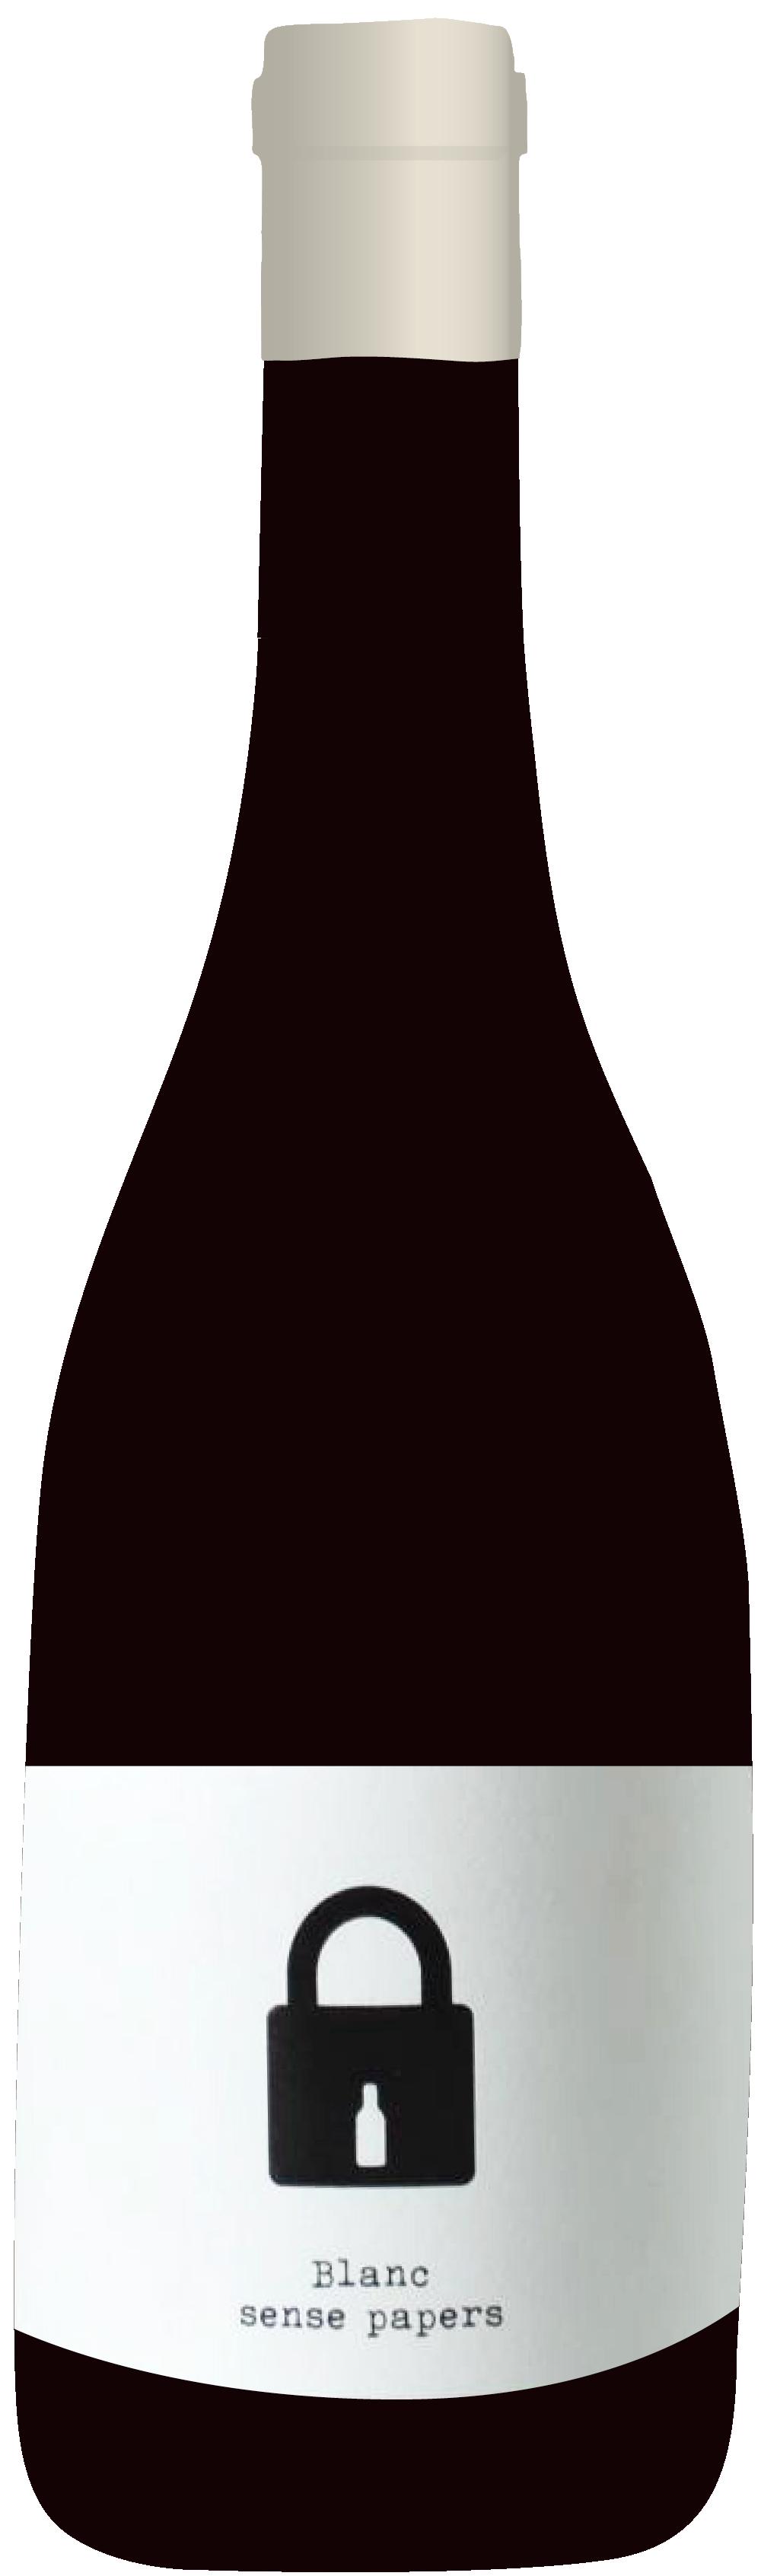 thenaturalwinecompany_october bottles_2021